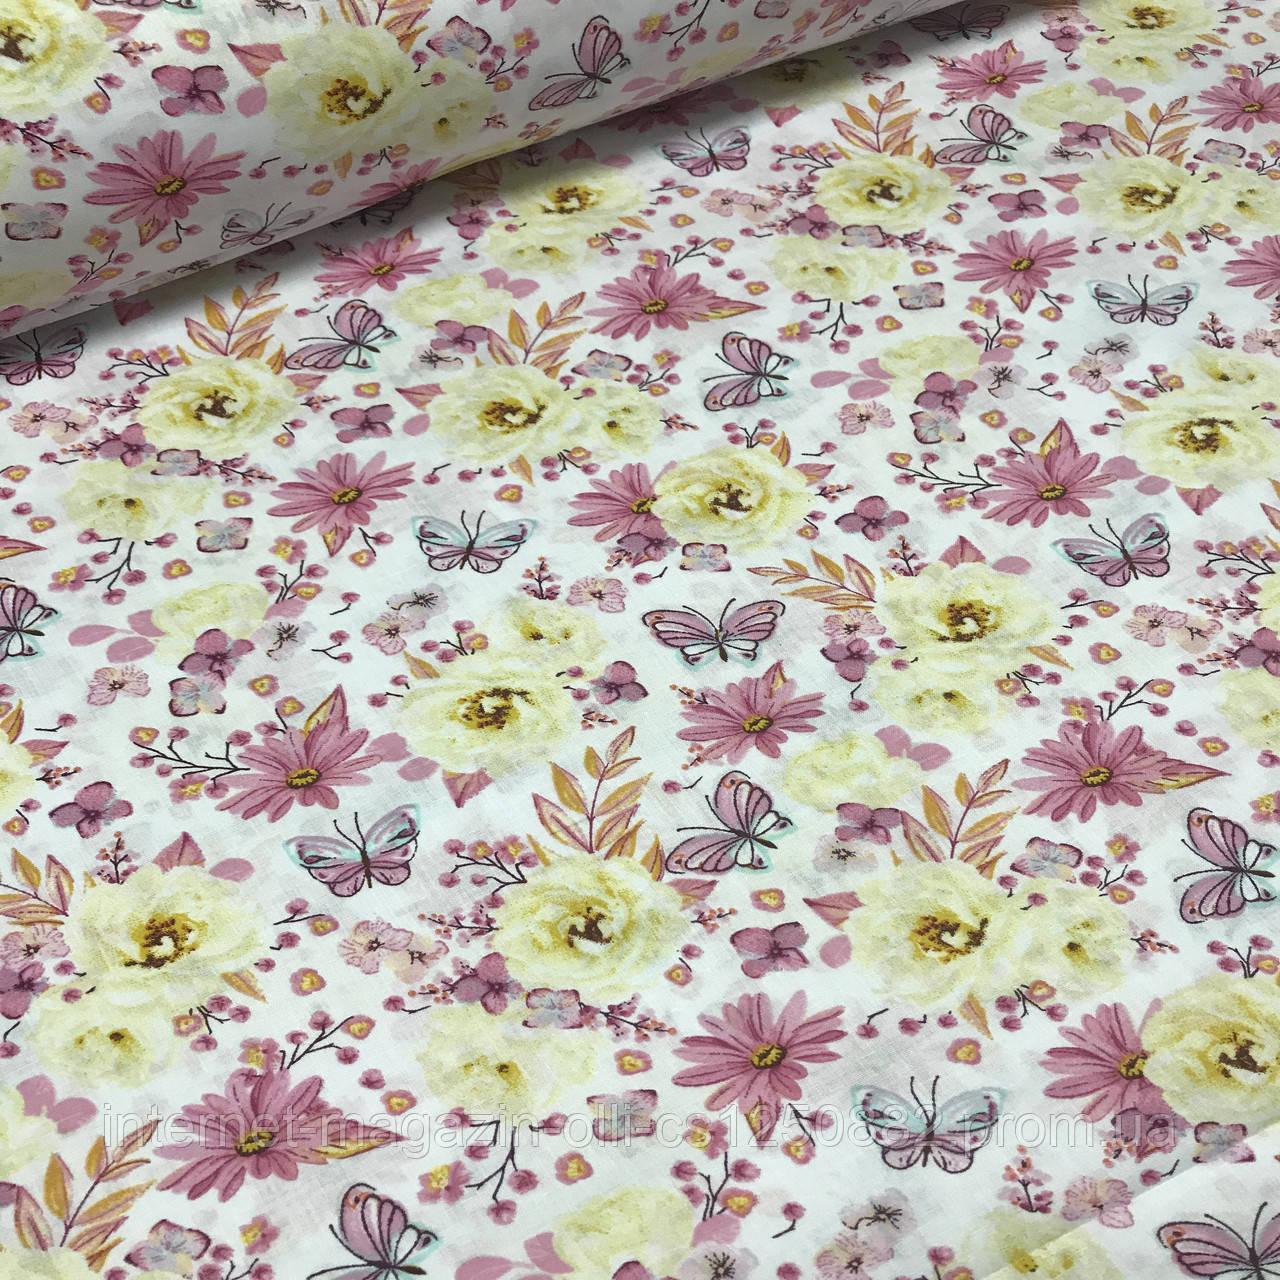 Хлопковая ткань польская цветы и бабочки сиреневые и желтые №119